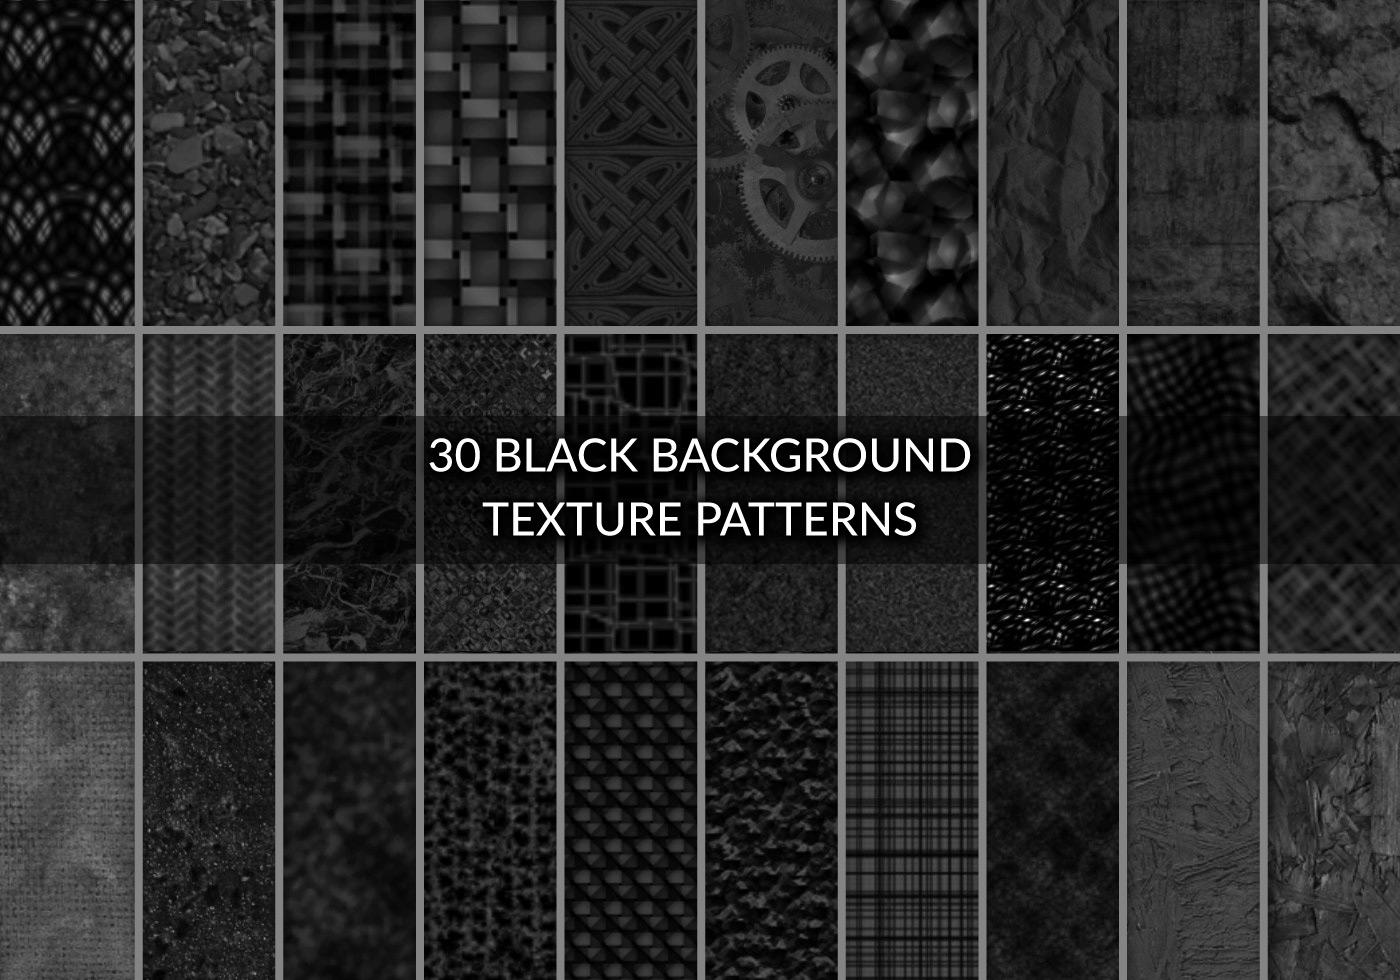 30 black background texture patterns free photoshop for Dark pattern background